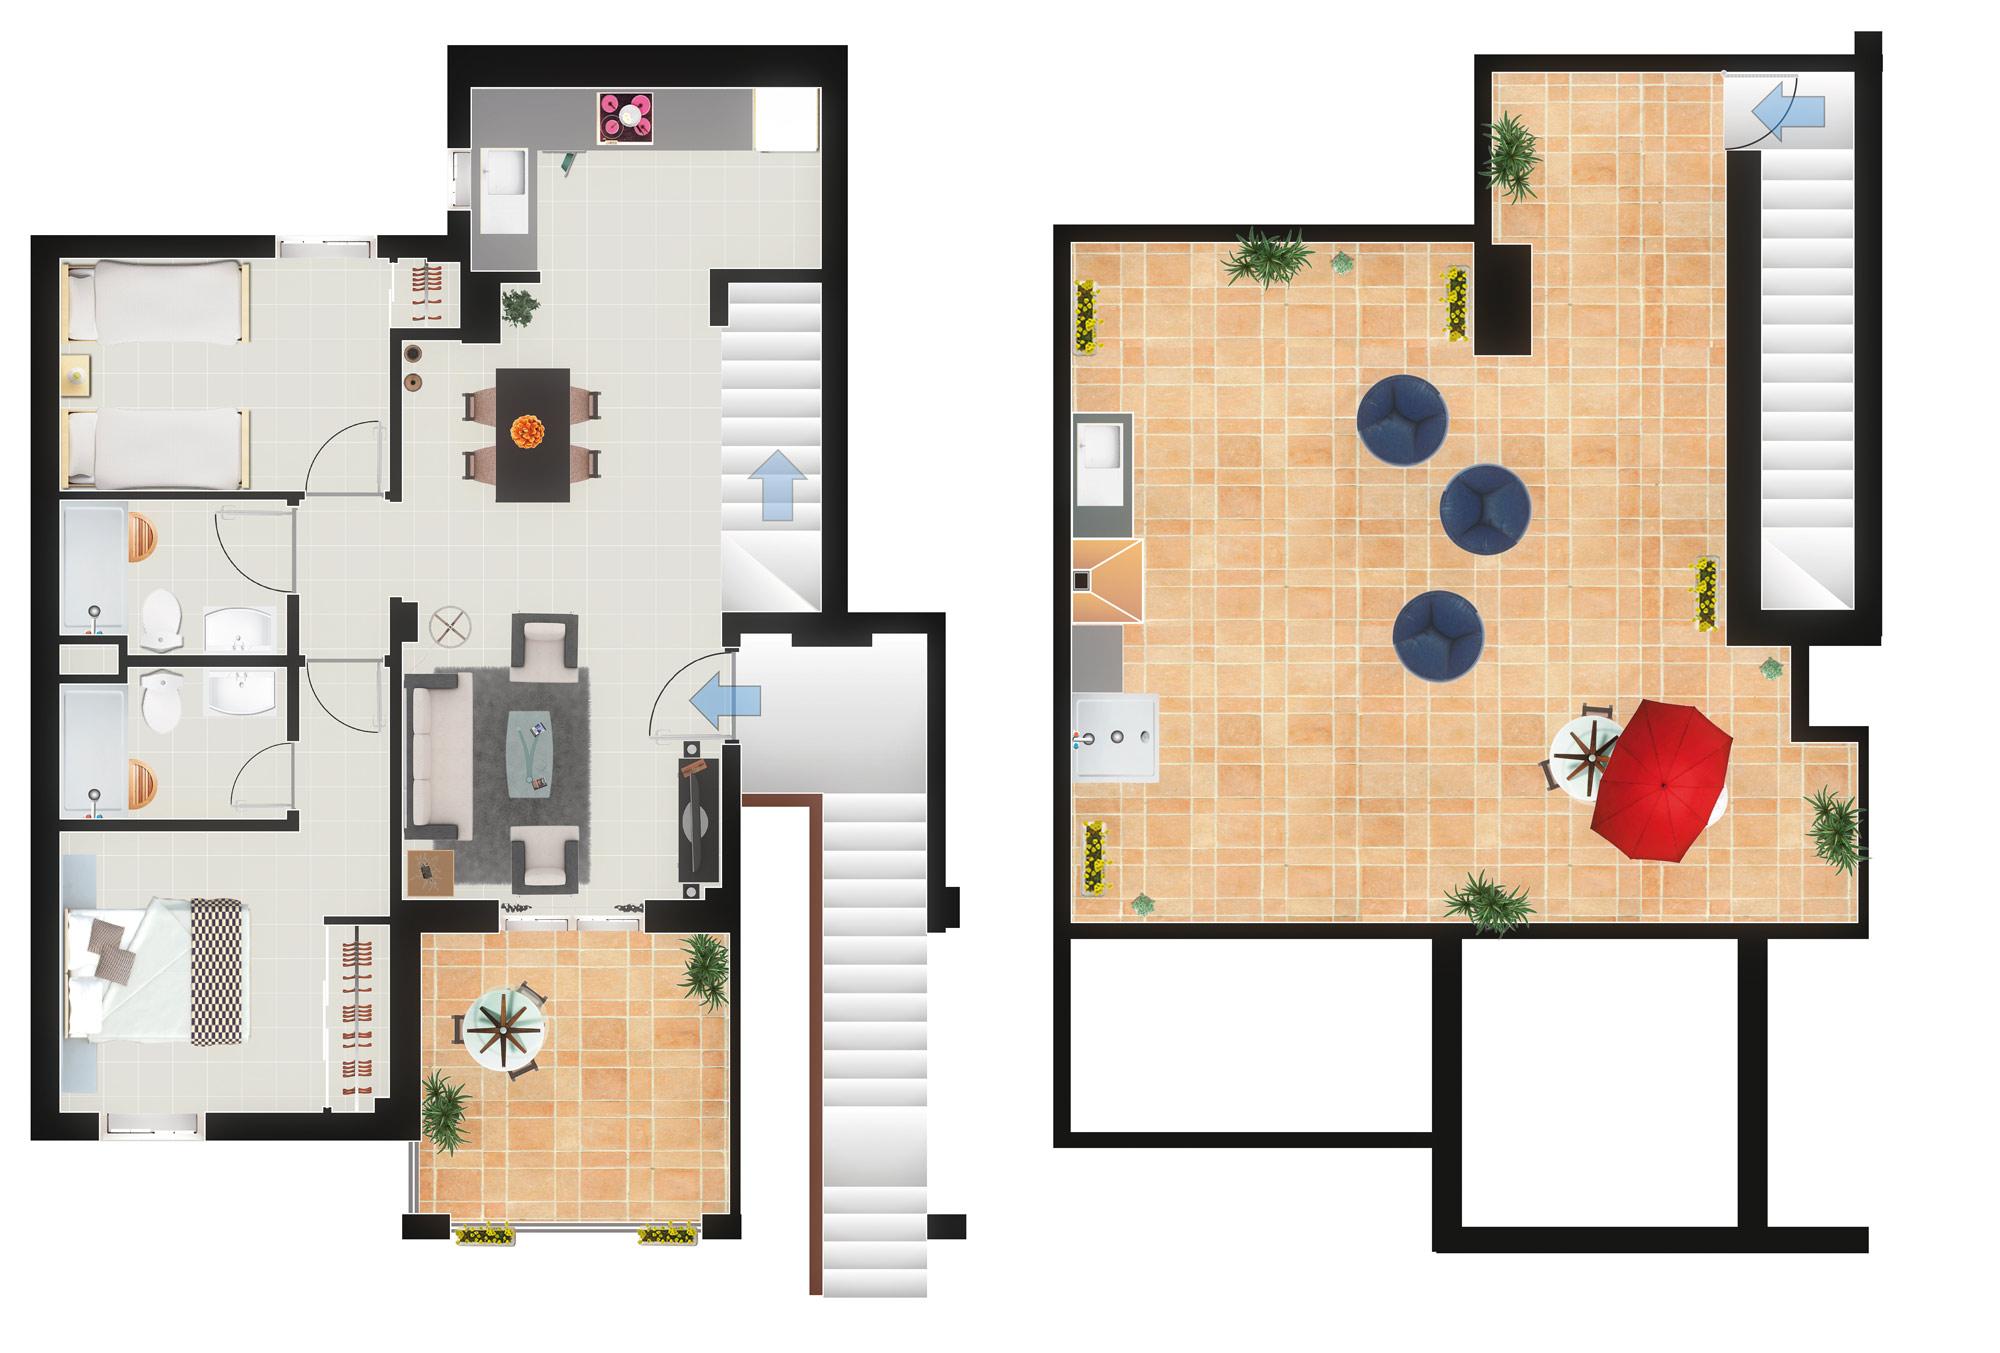 plan2_full-1.jpg